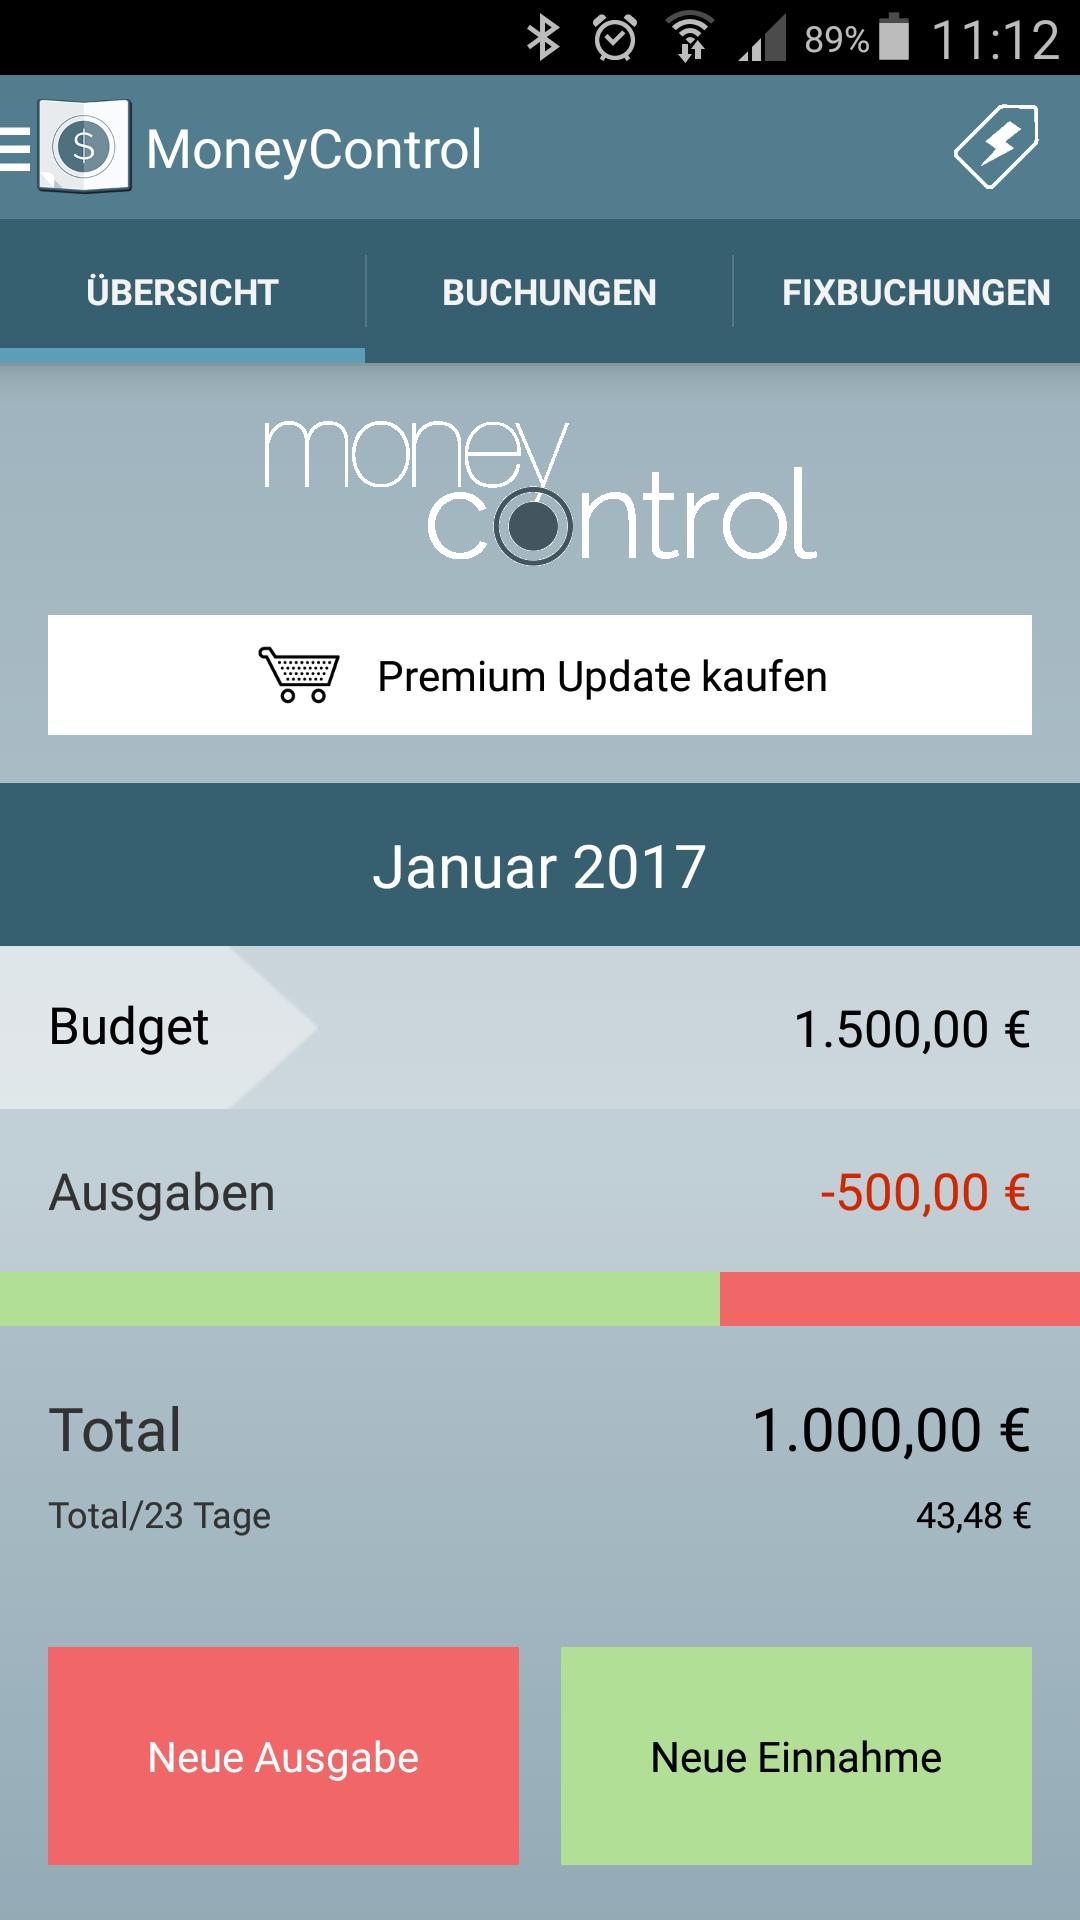 Mit dem Haushaltsbuch durchstarten | Haushaltsbuch MoneyControl - Blog